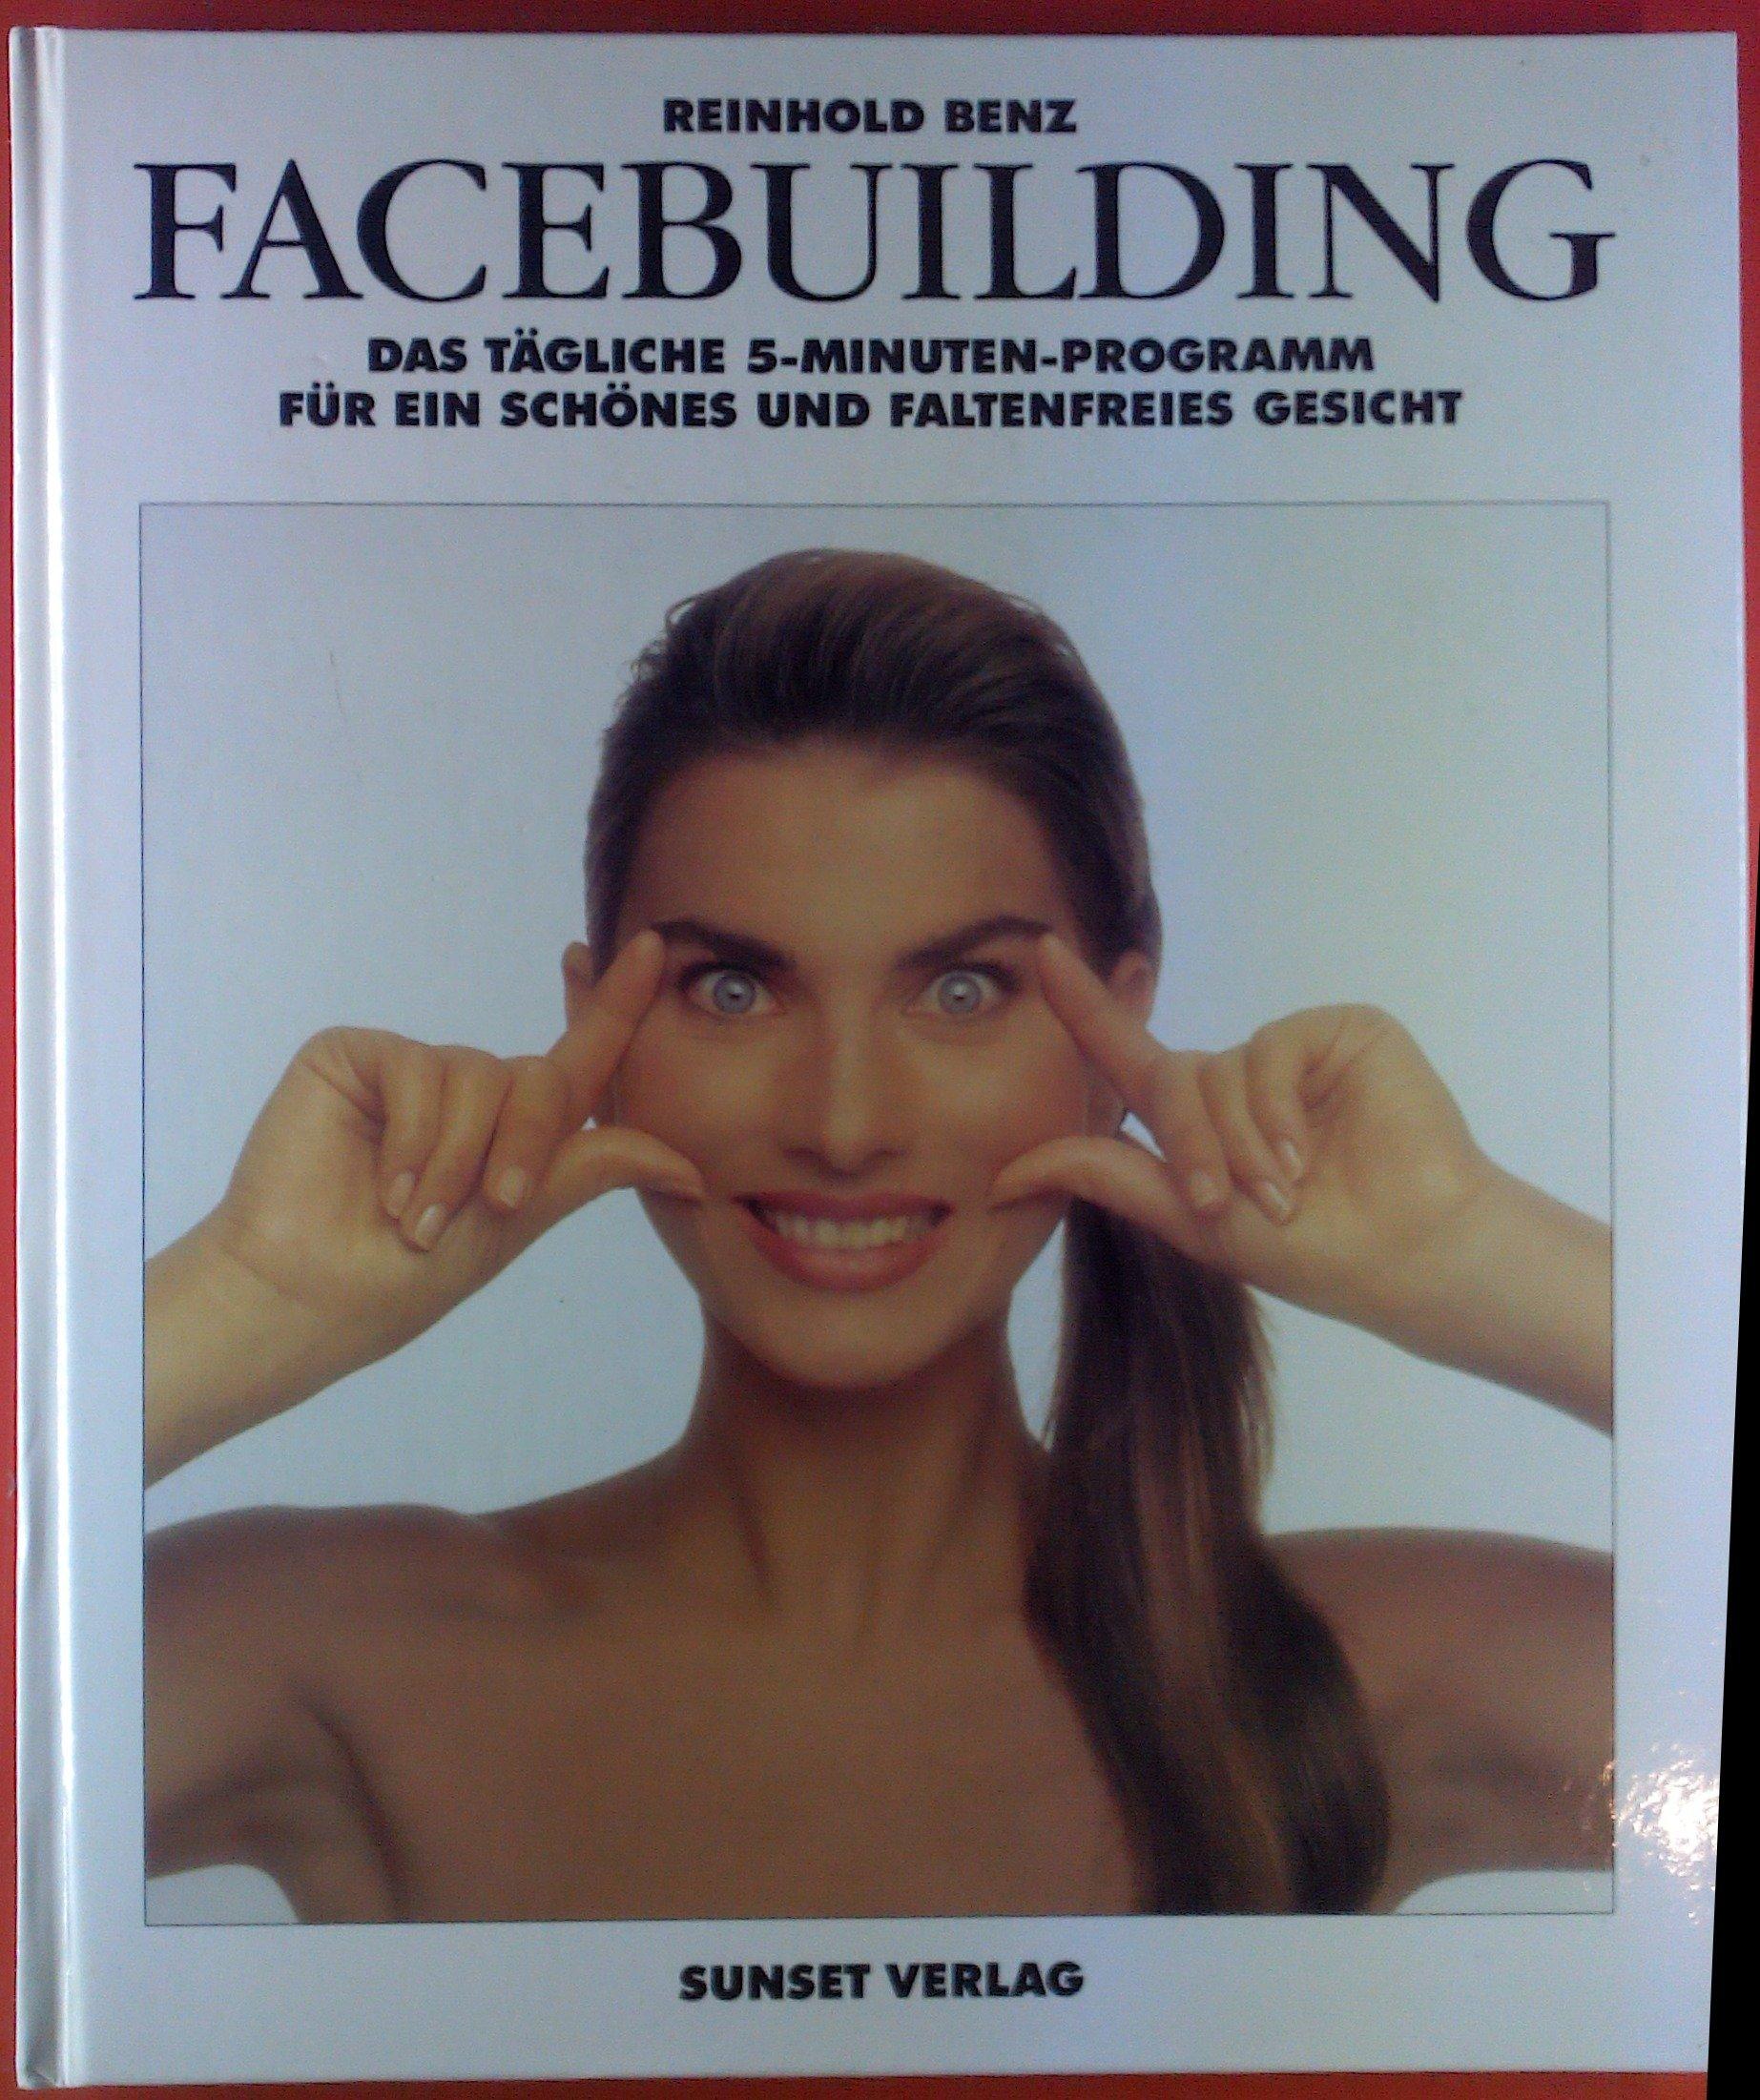 Facebuilding